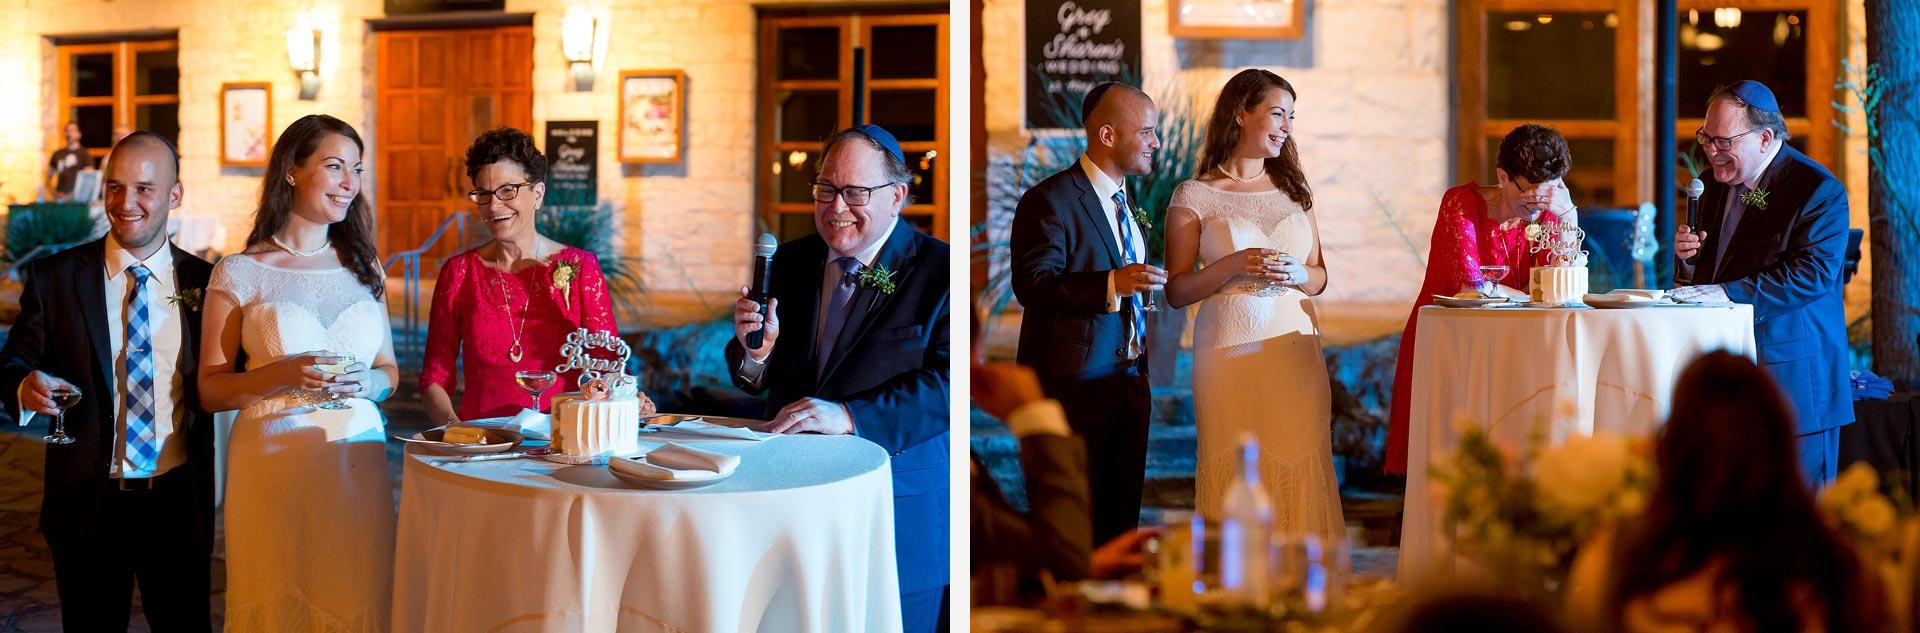 Wedding in South Austin